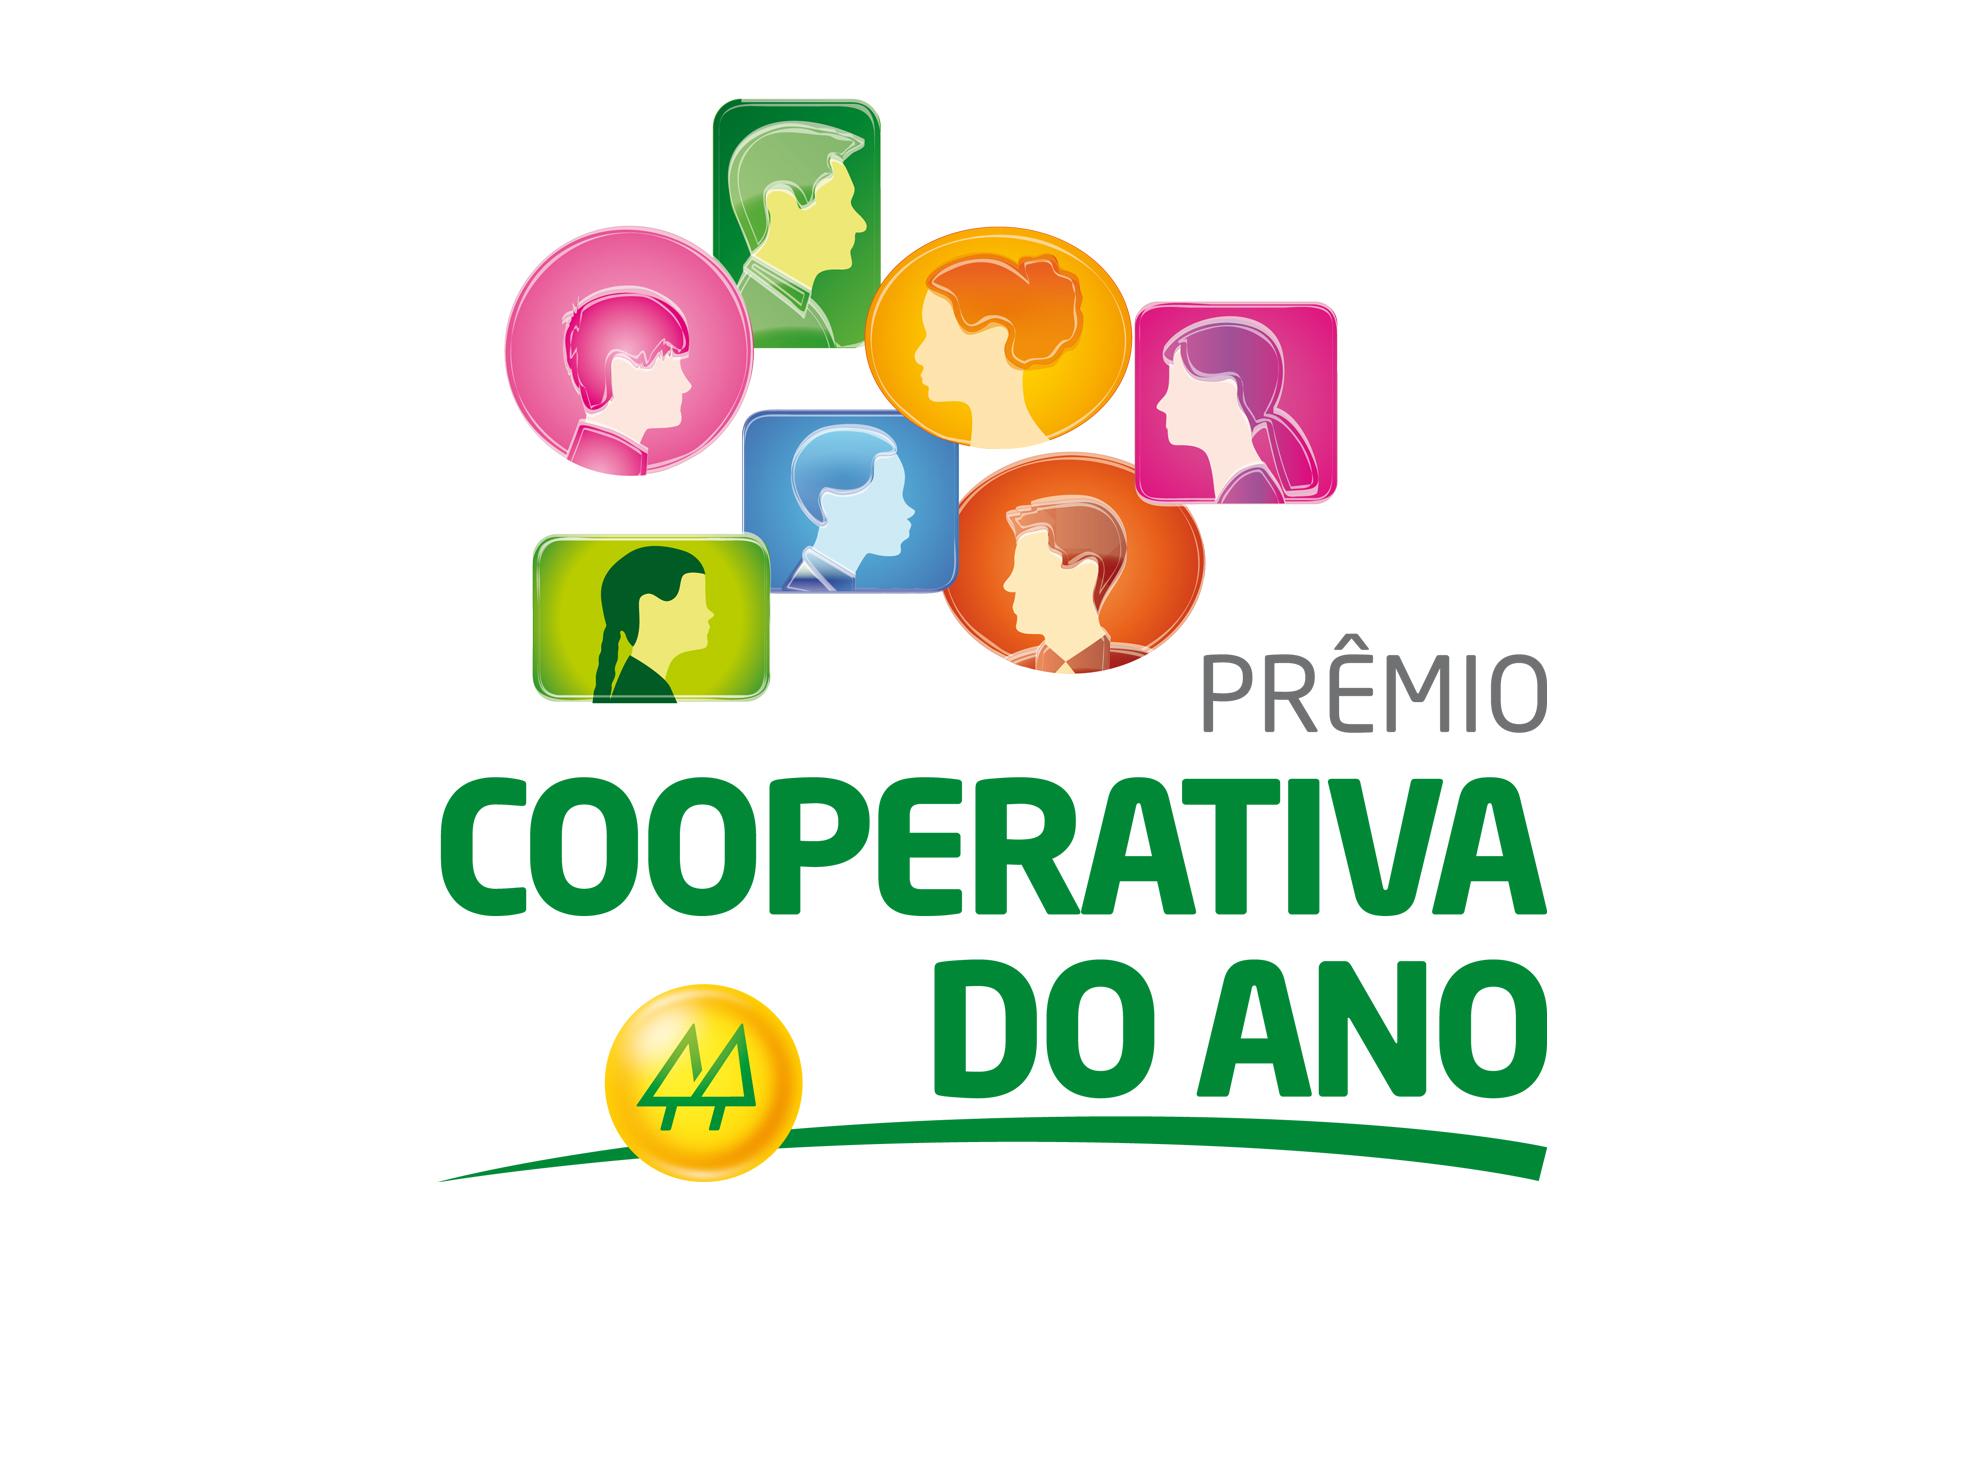 Marca Premio Cooperativa Do Ano 20 11 2012